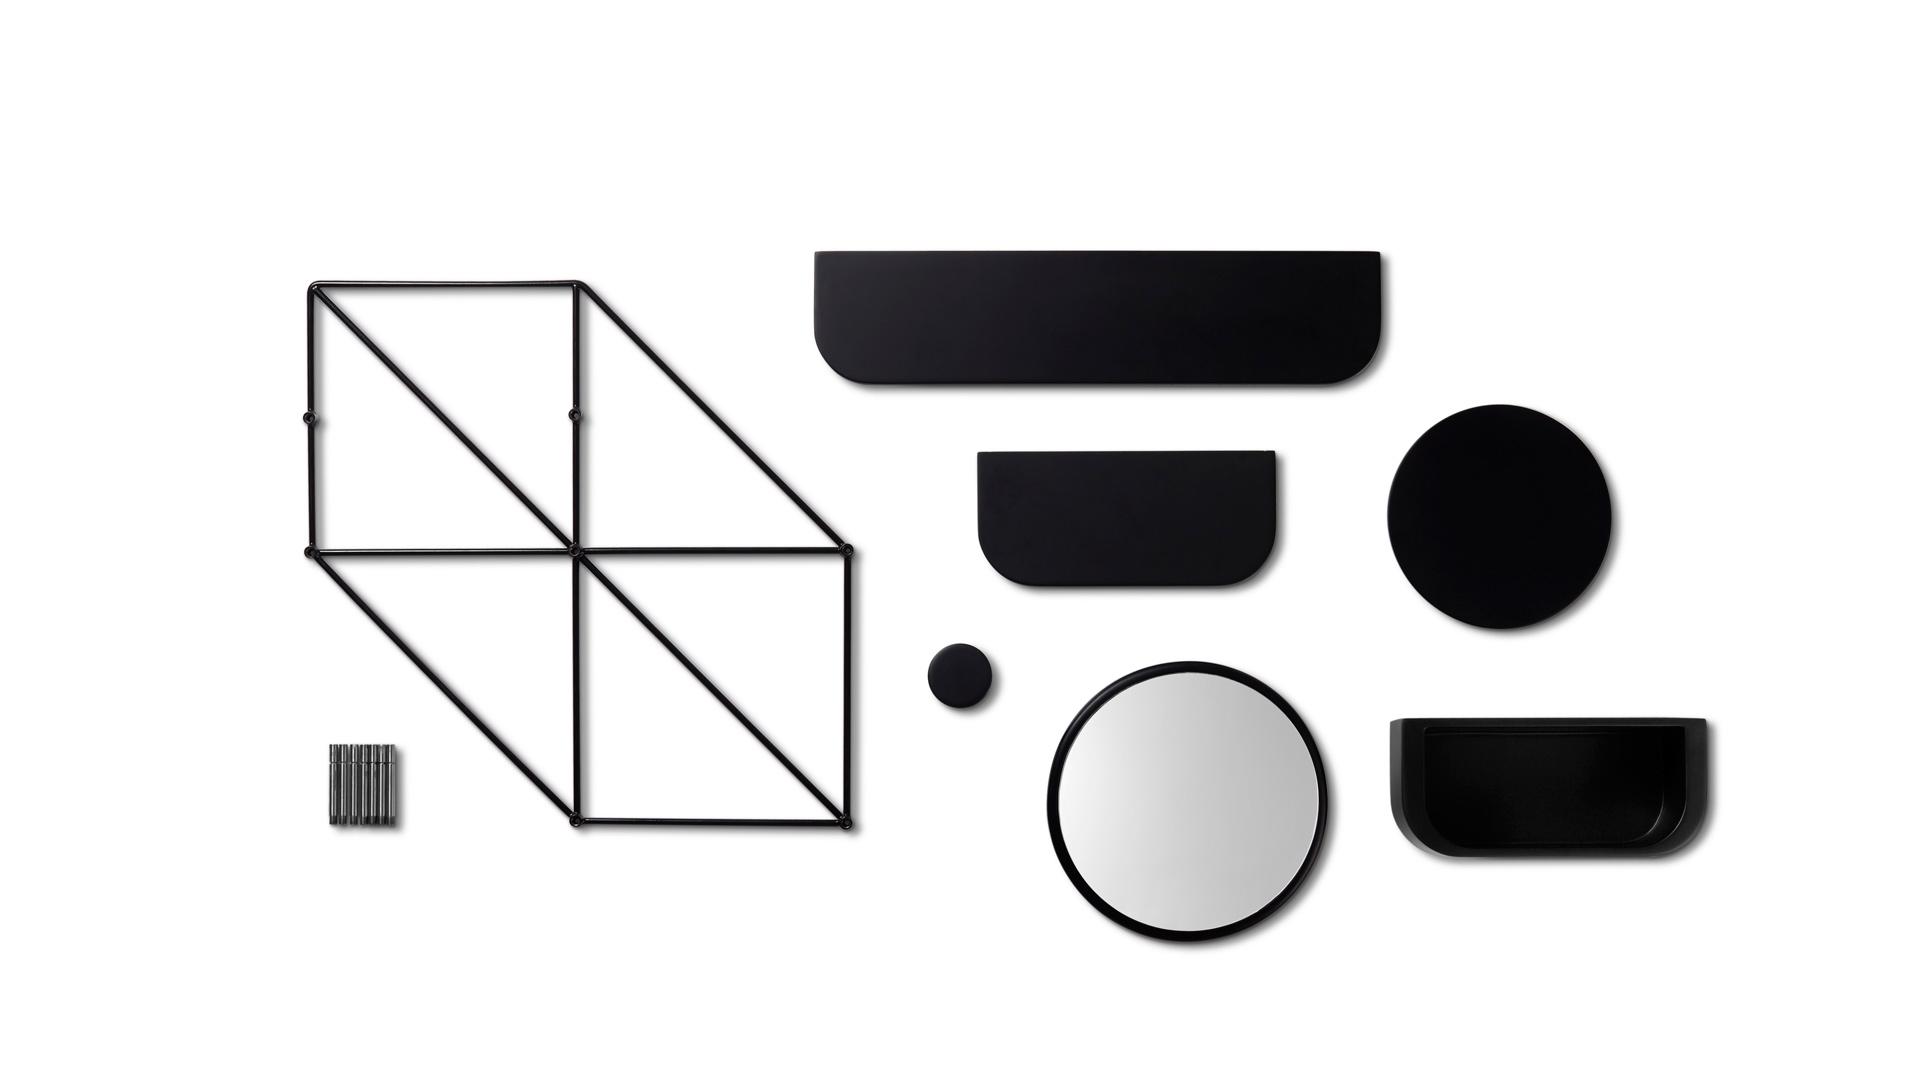 1个六边形蜂巢结构框架, 6个可选配件——长板、短板、圆板、衣帽钩、镜子、储物盒——的单元化设计,构成星云墙面置物格调的基本组成要素,百变可能,从这里开始。